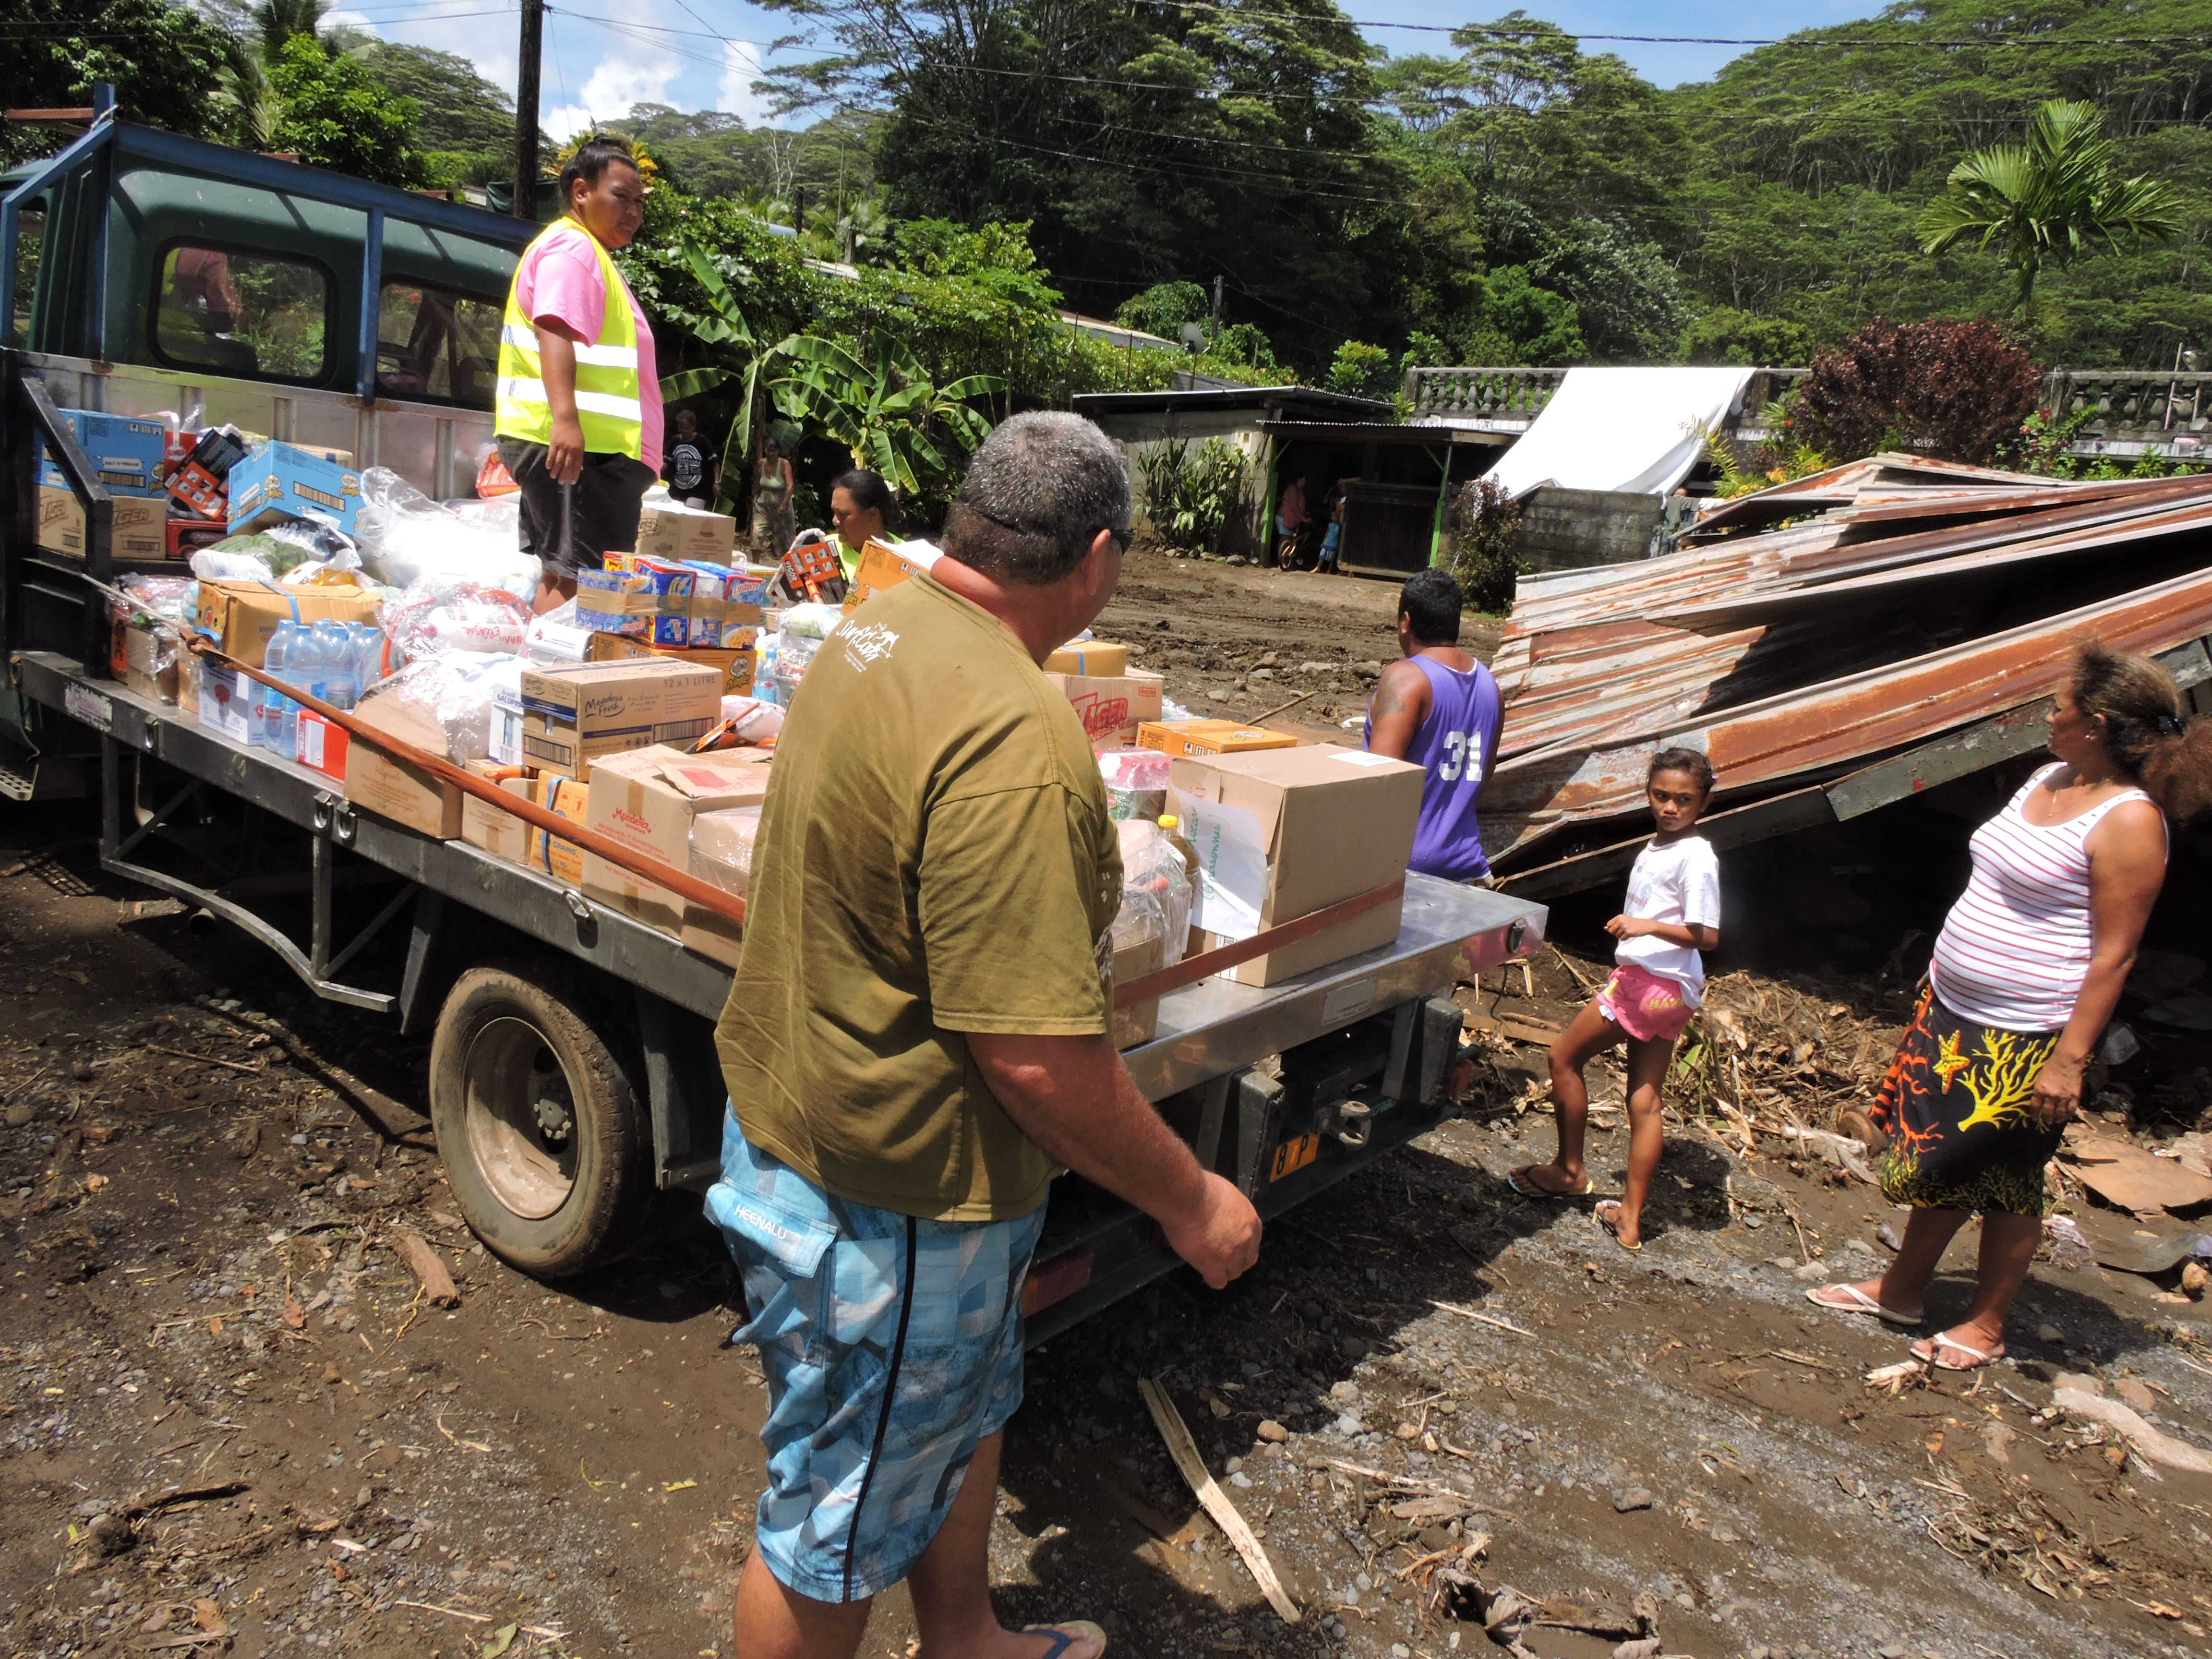 La récolte aura lieu, ce samedi de 9 heures à 18 heures dans les magasins Carrefour et Champion de Tahiti